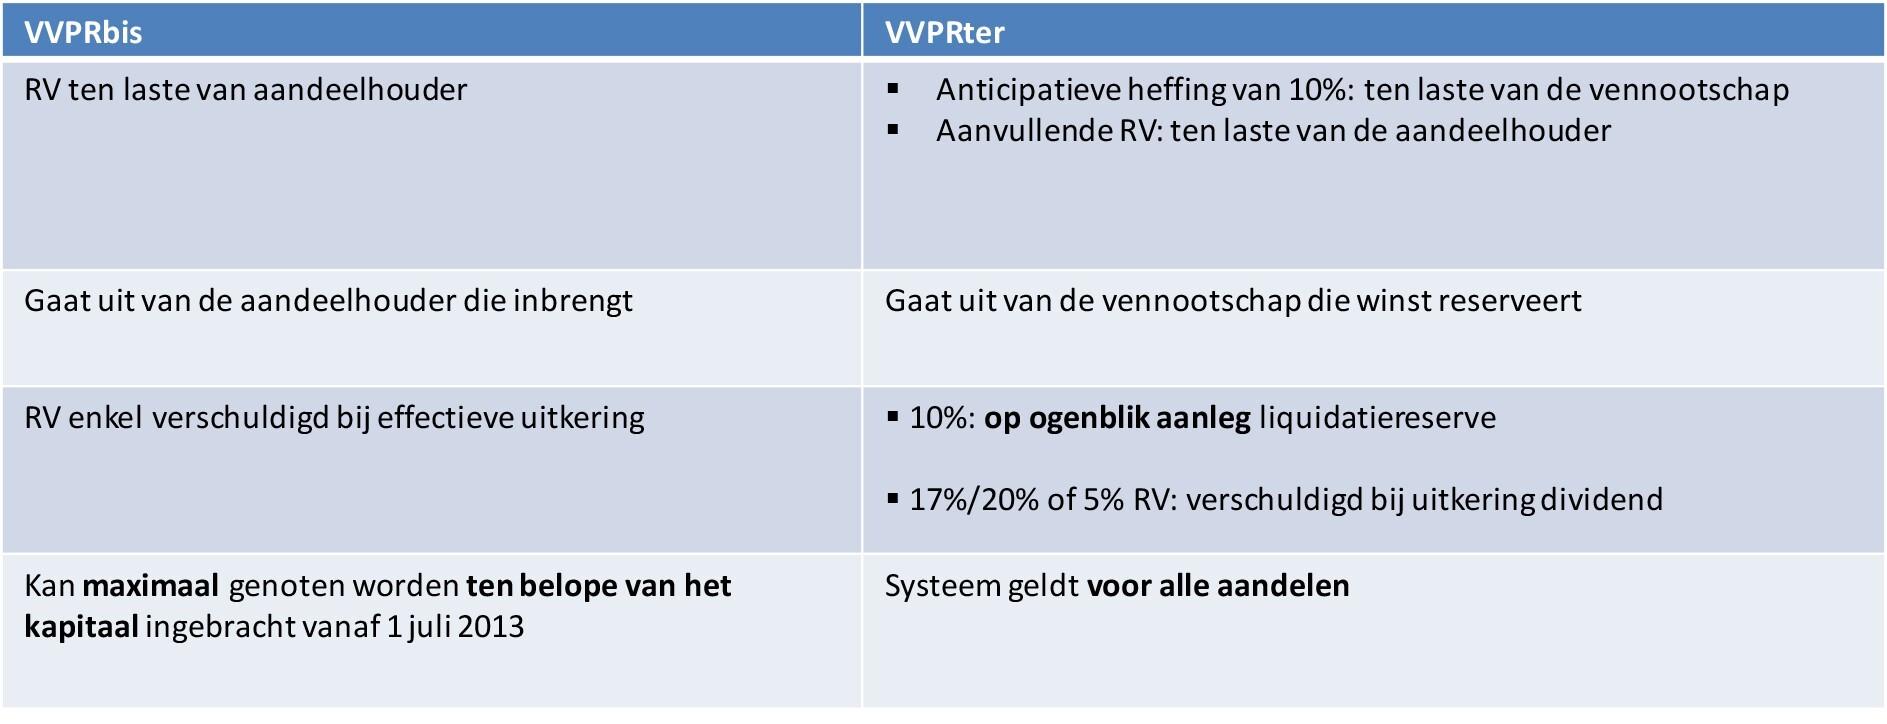 Liquidatiereserves: vergelijking VVPRter versus VVPRbis